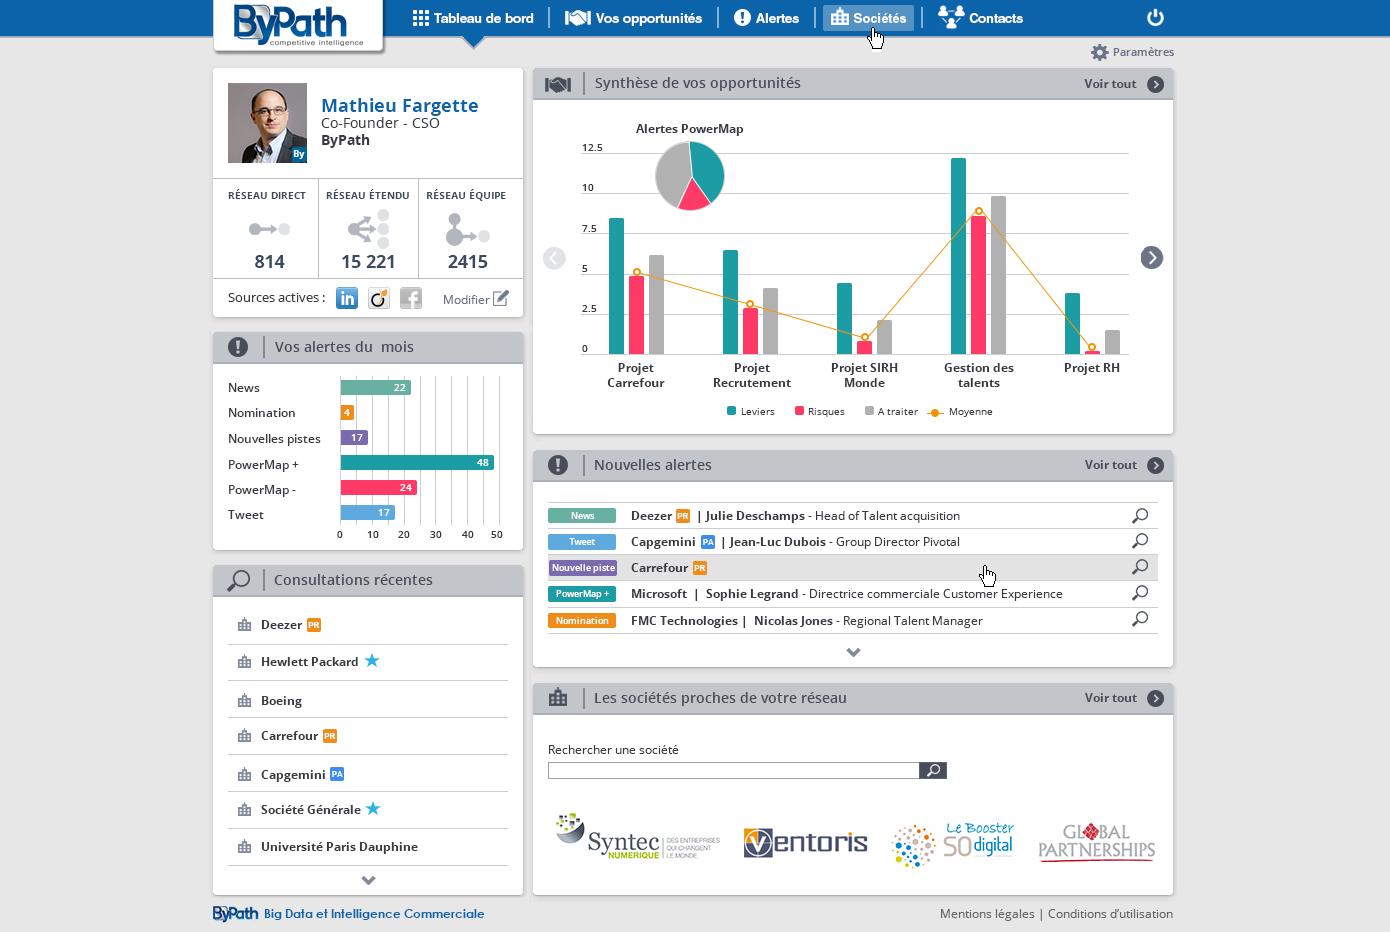 ByPath outils de prospection